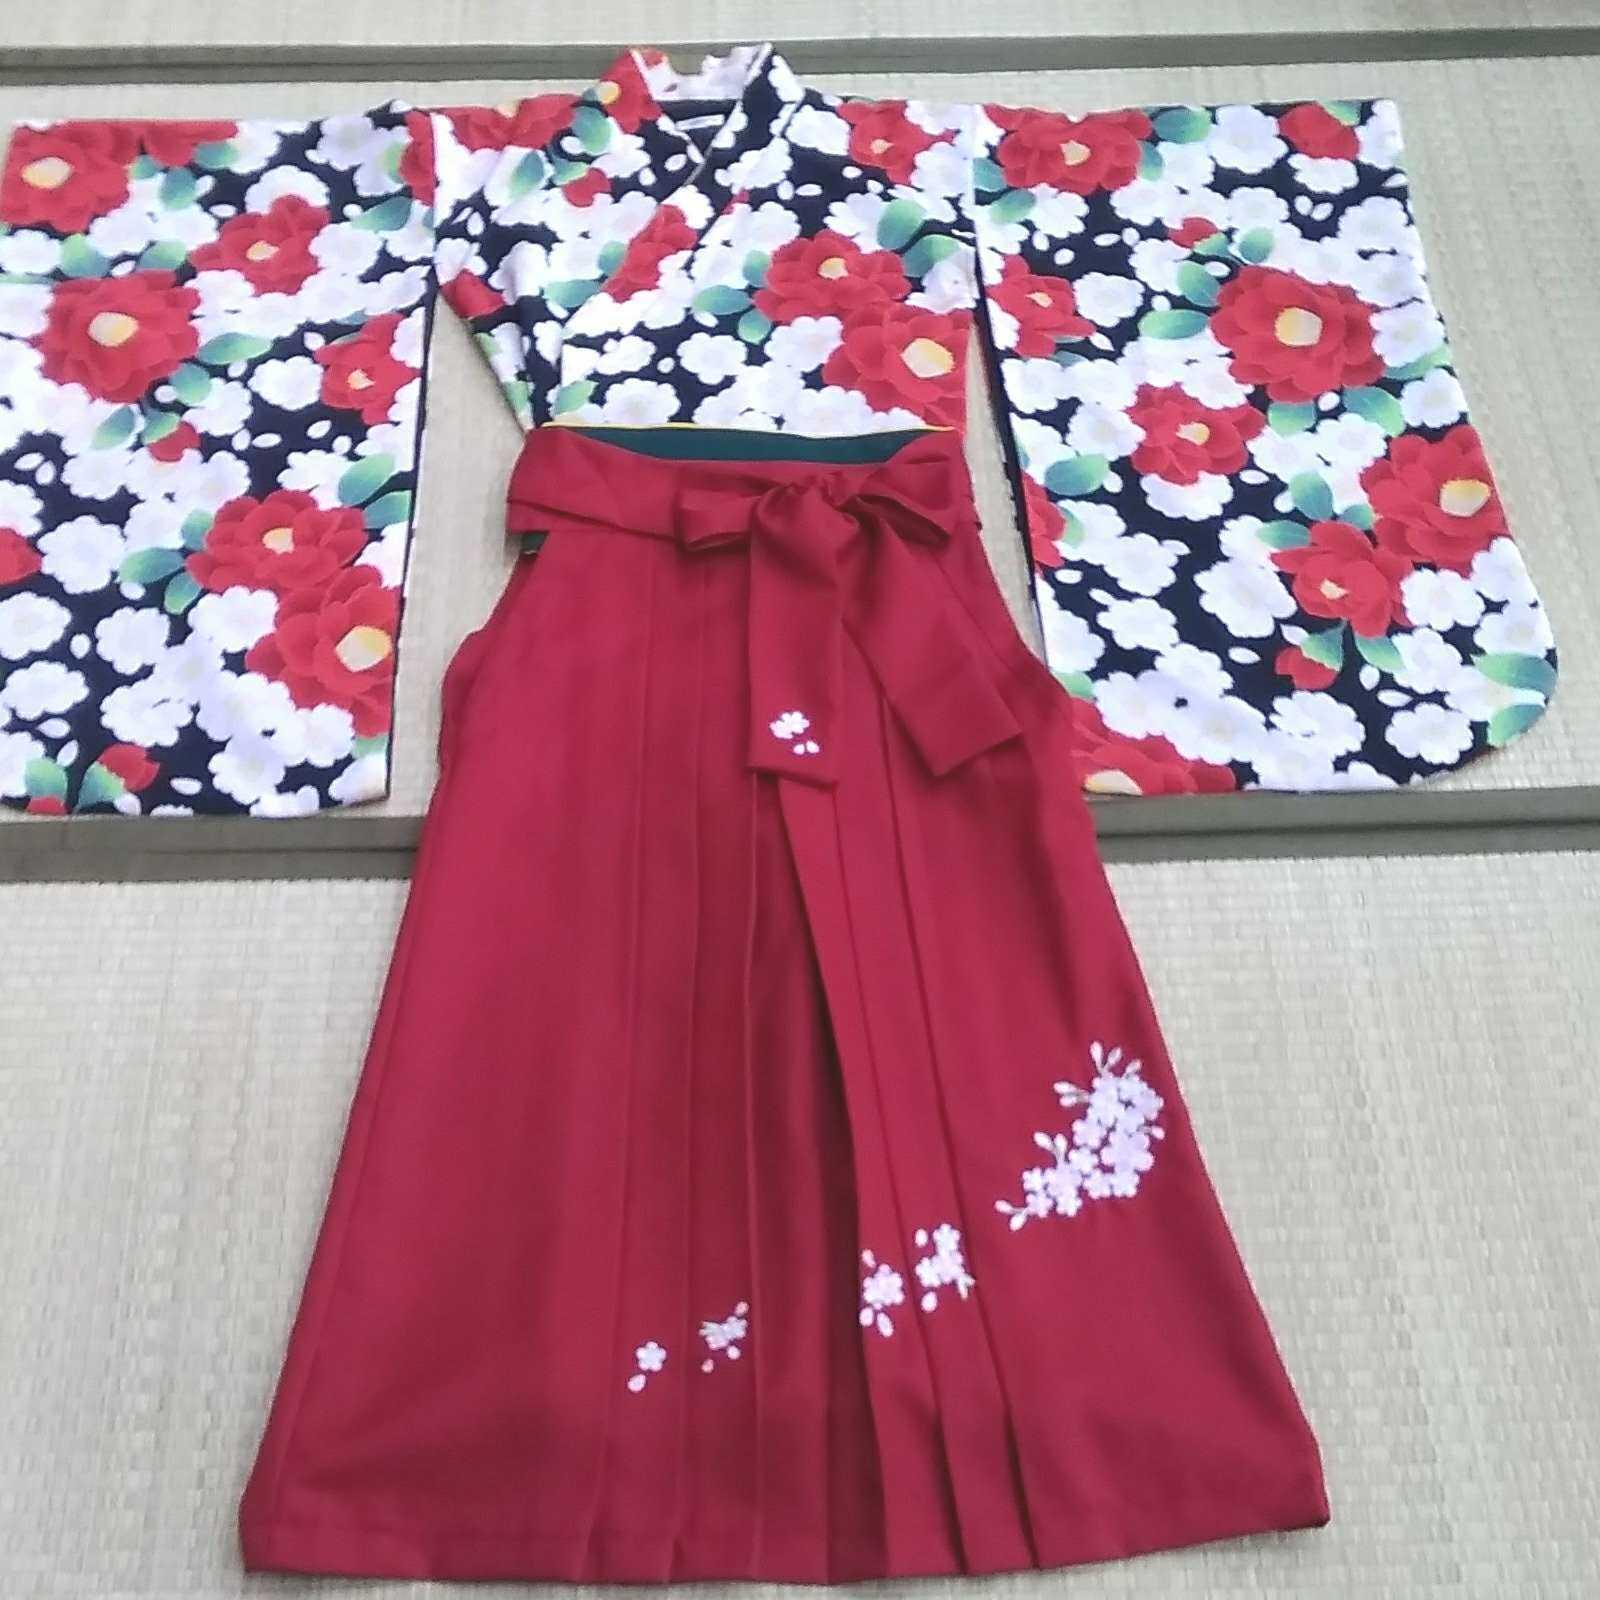 袴|袴セット